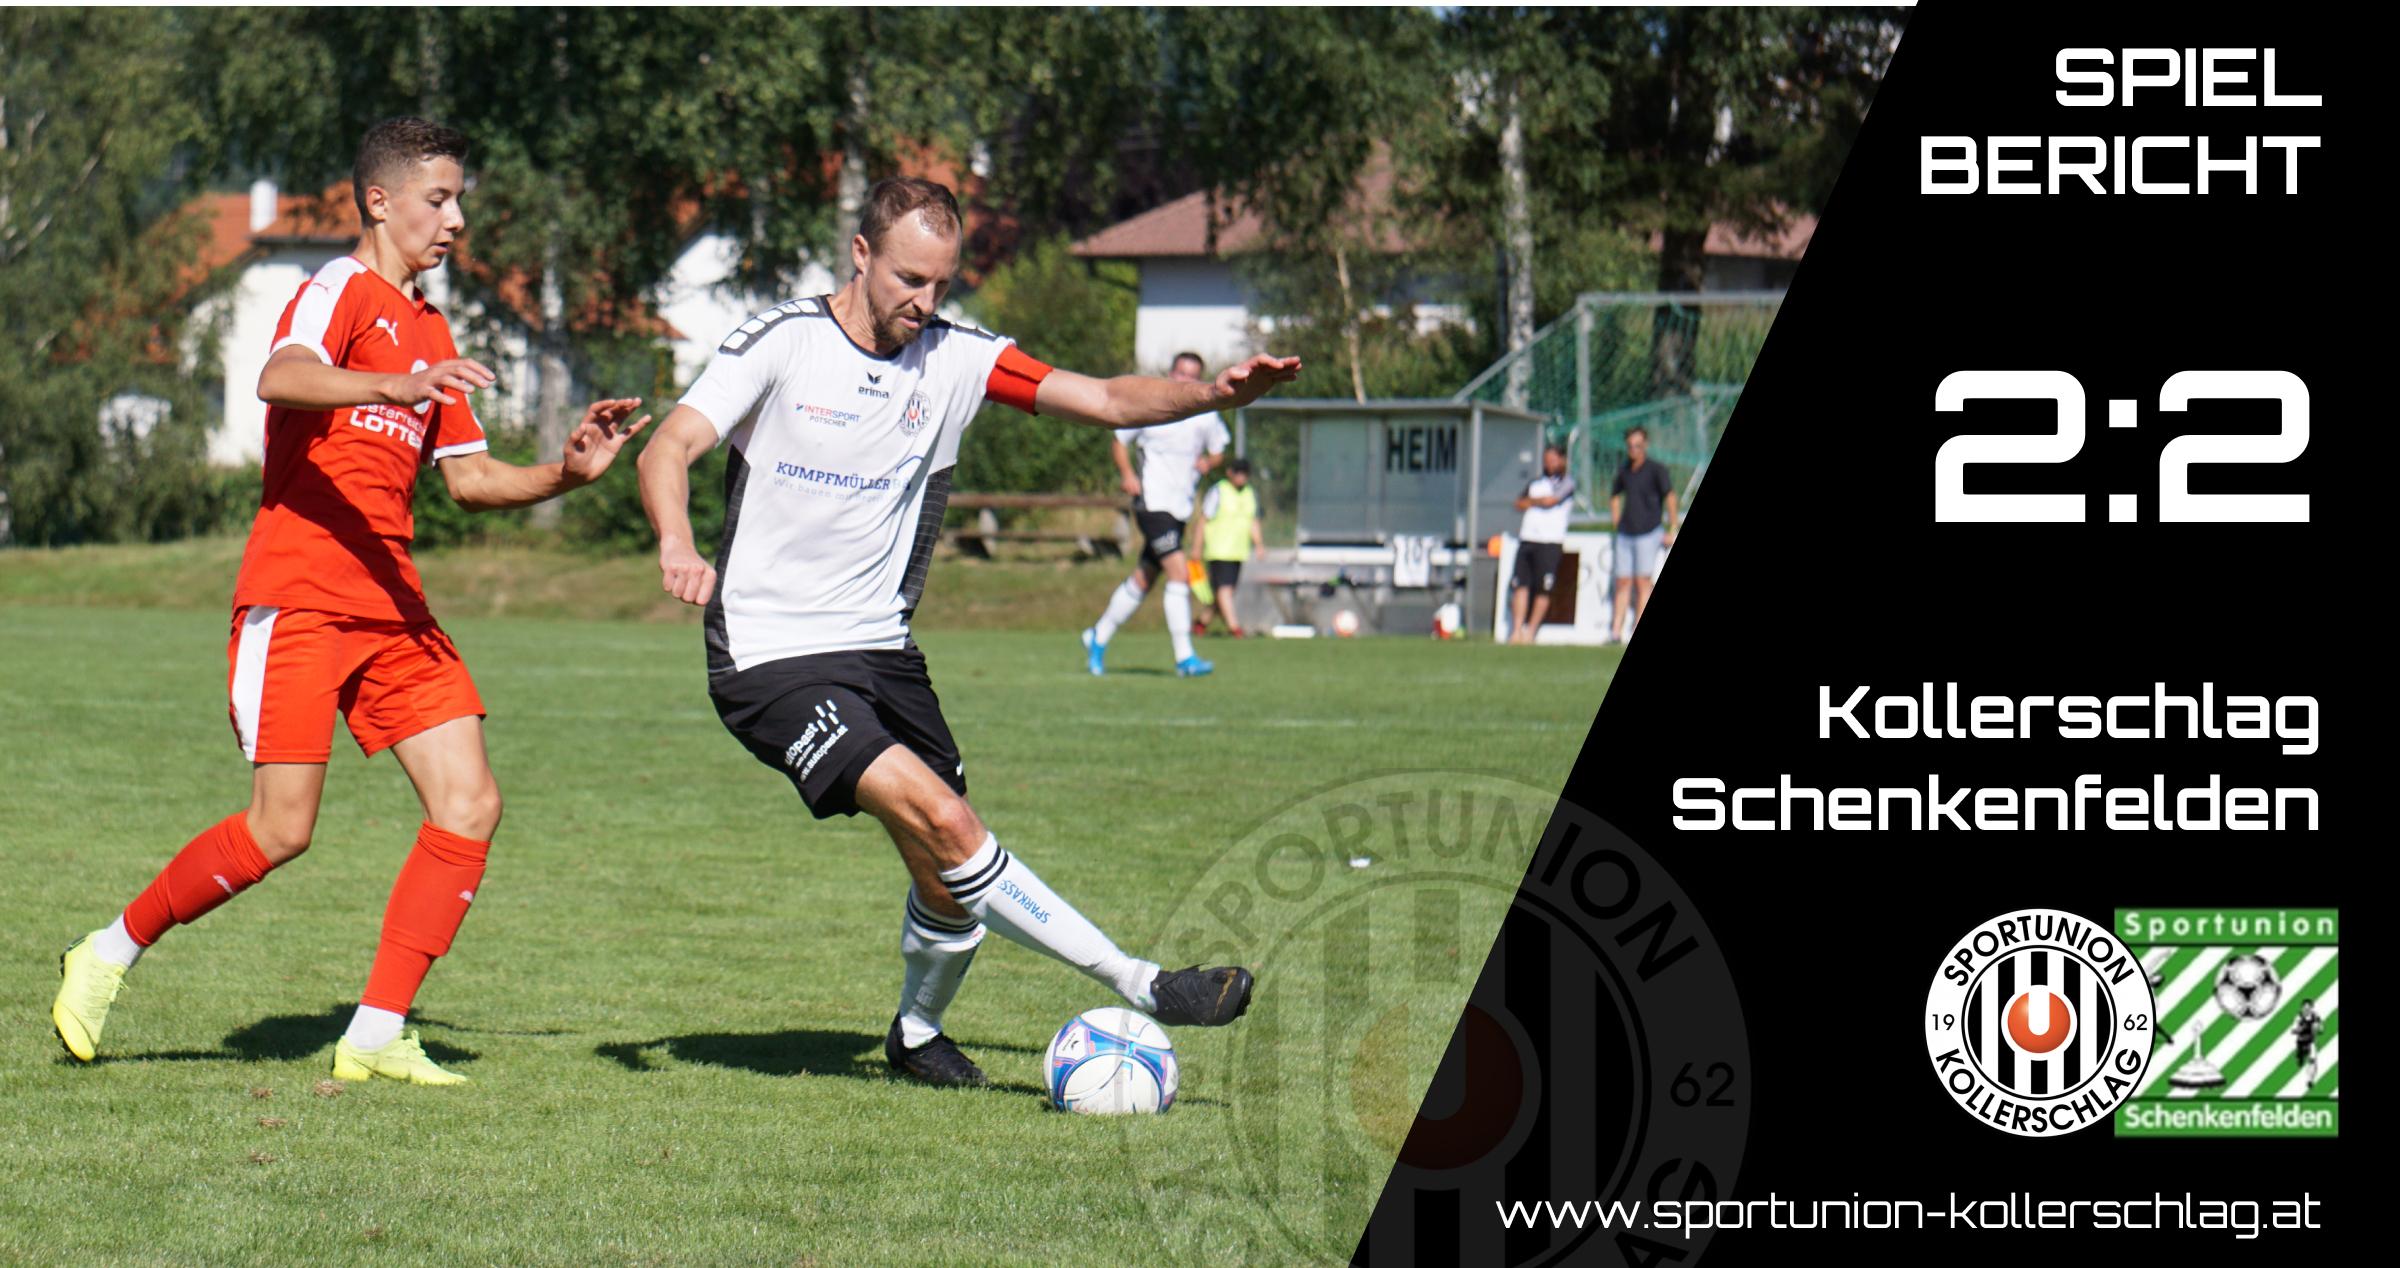 2:2 Unentschieden im Auftaktmatch gegen Schenkenfelden